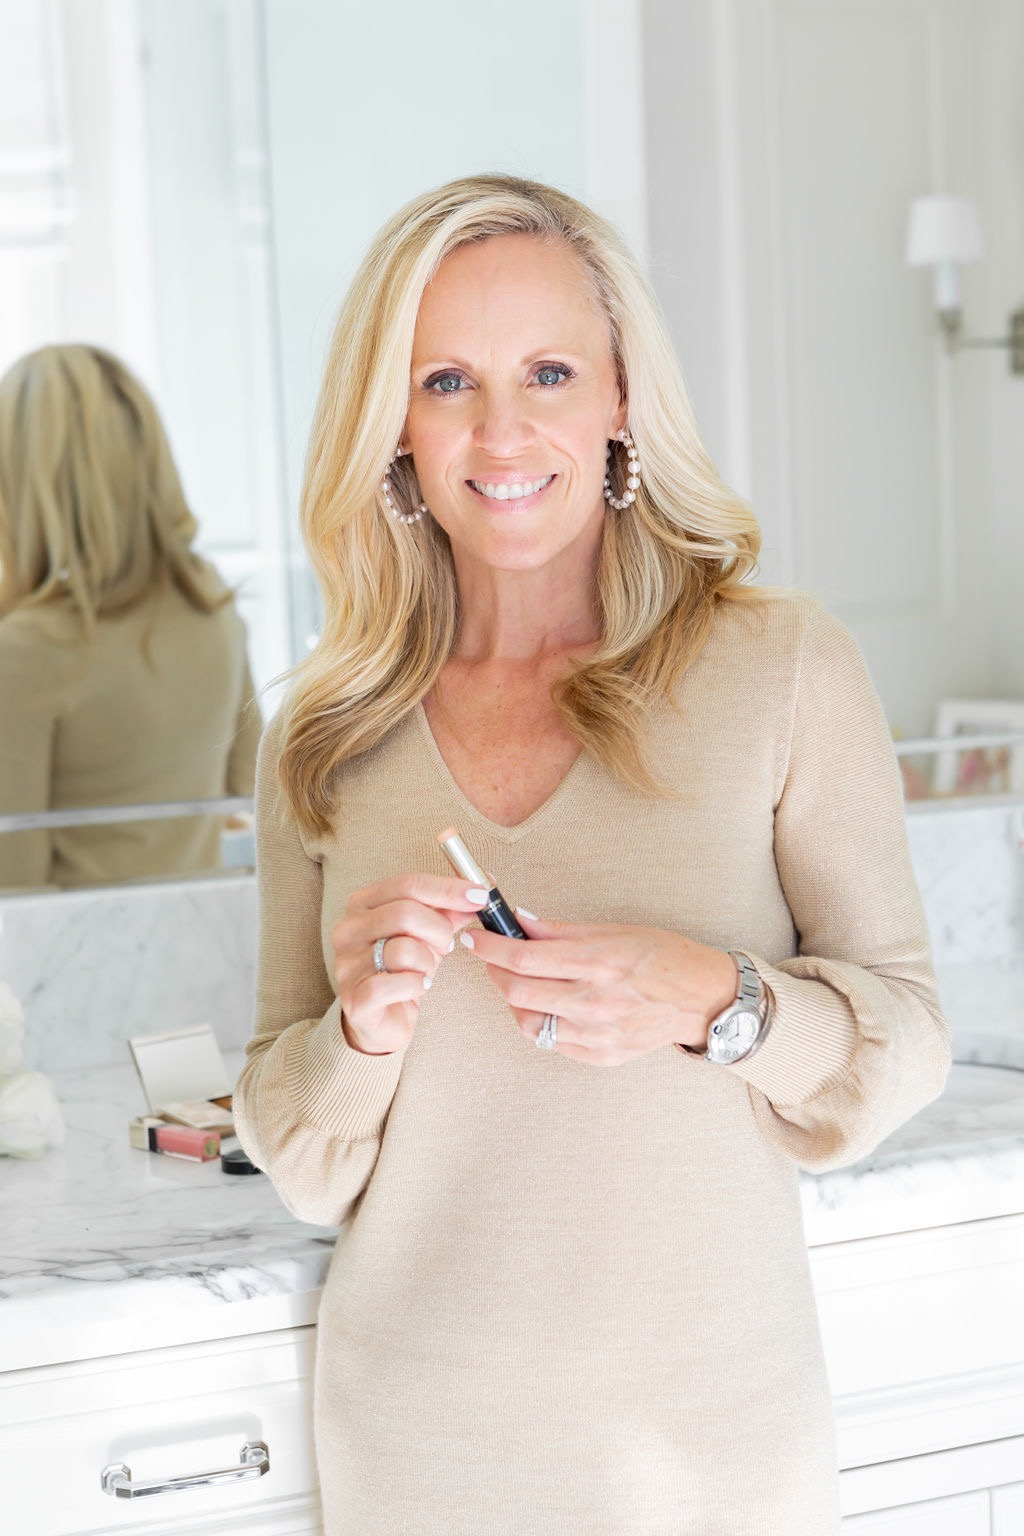 Cle de Peau Concealer Review, Dress, Alicia Wood, Dallas Lifestyle Expert, Dallas Fashion blogger, Dallas Lifestyle Blog,